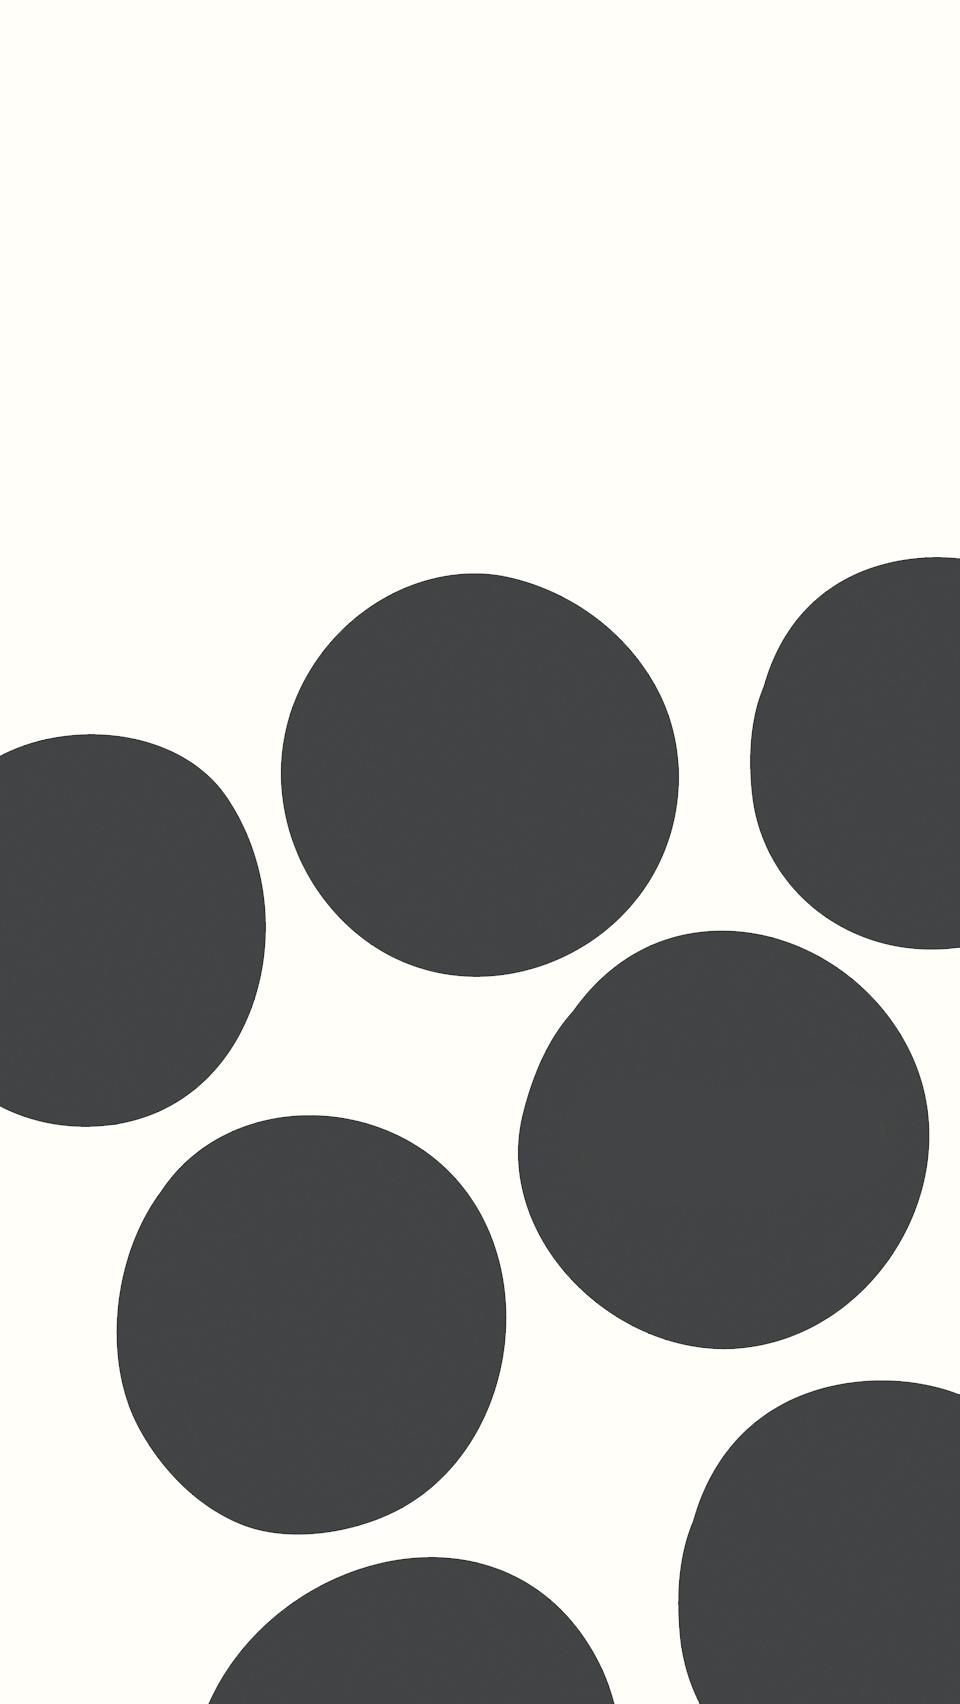 Hình nền điện thoại đen trắng những hình tròn